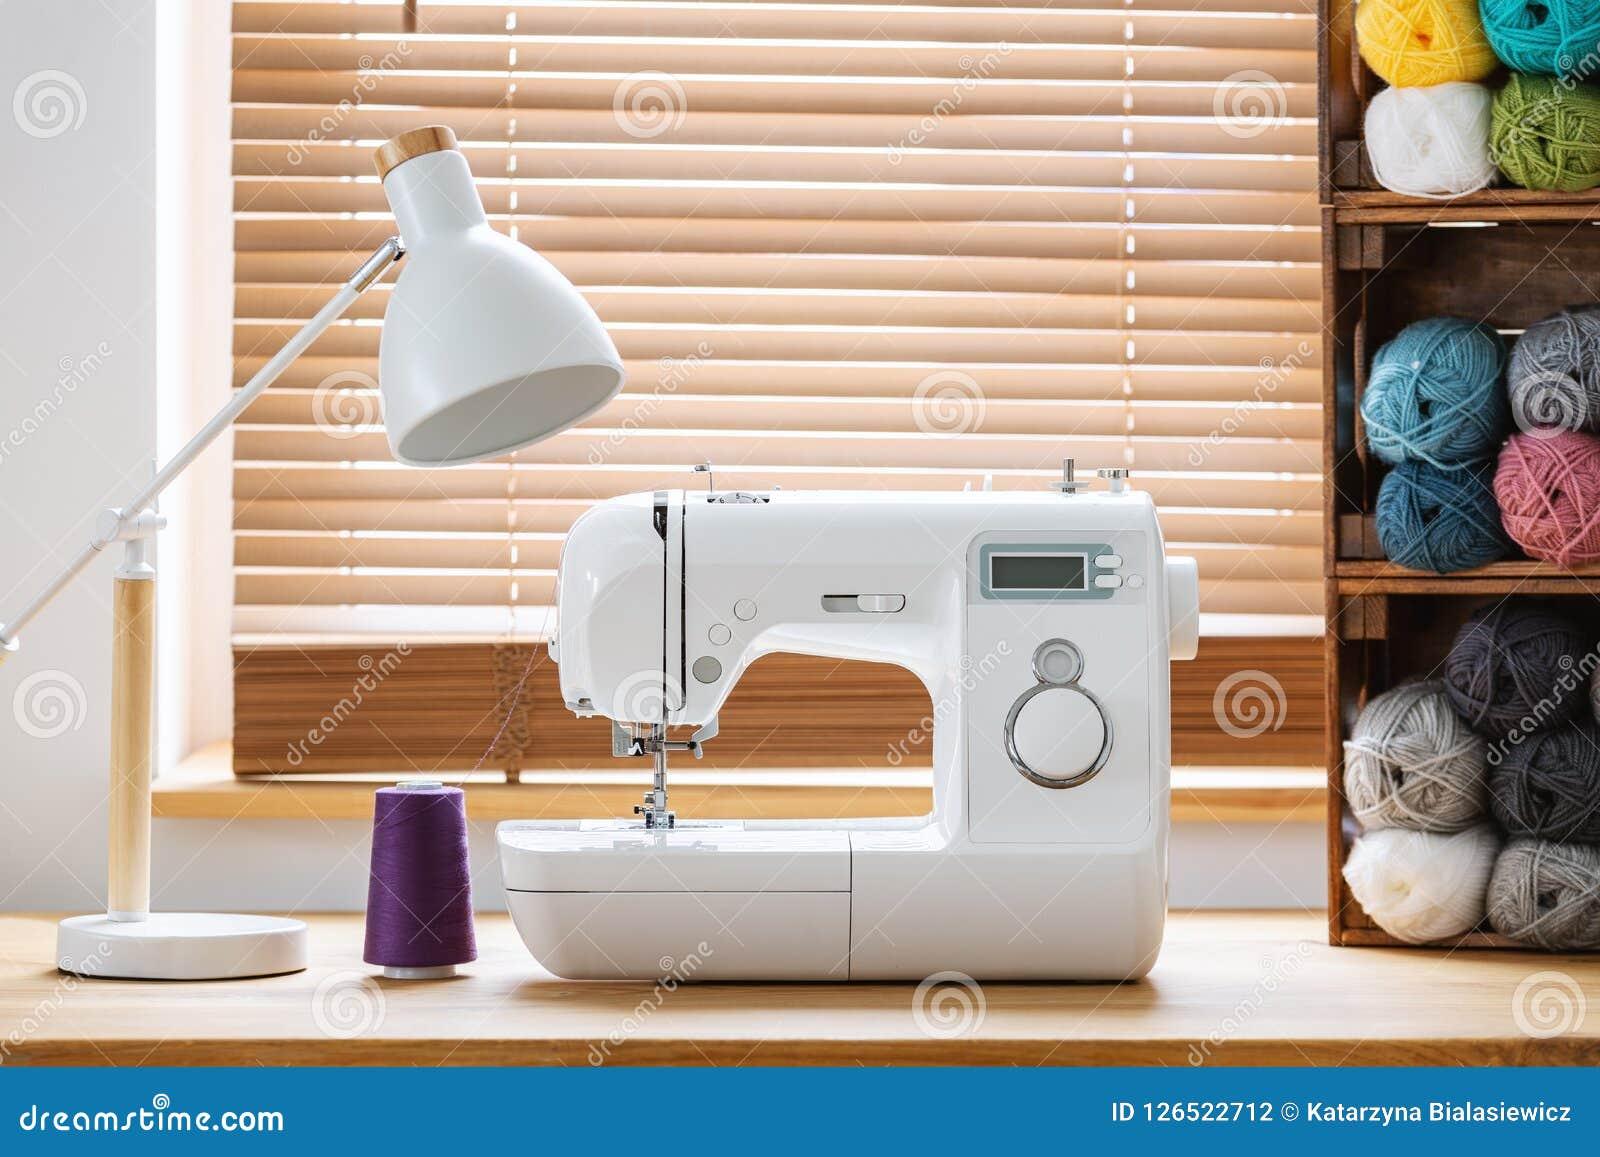 Close-up van een witte naaimachine met een purpere draad en kratten met garen door een venster in een helder binnenland van de am